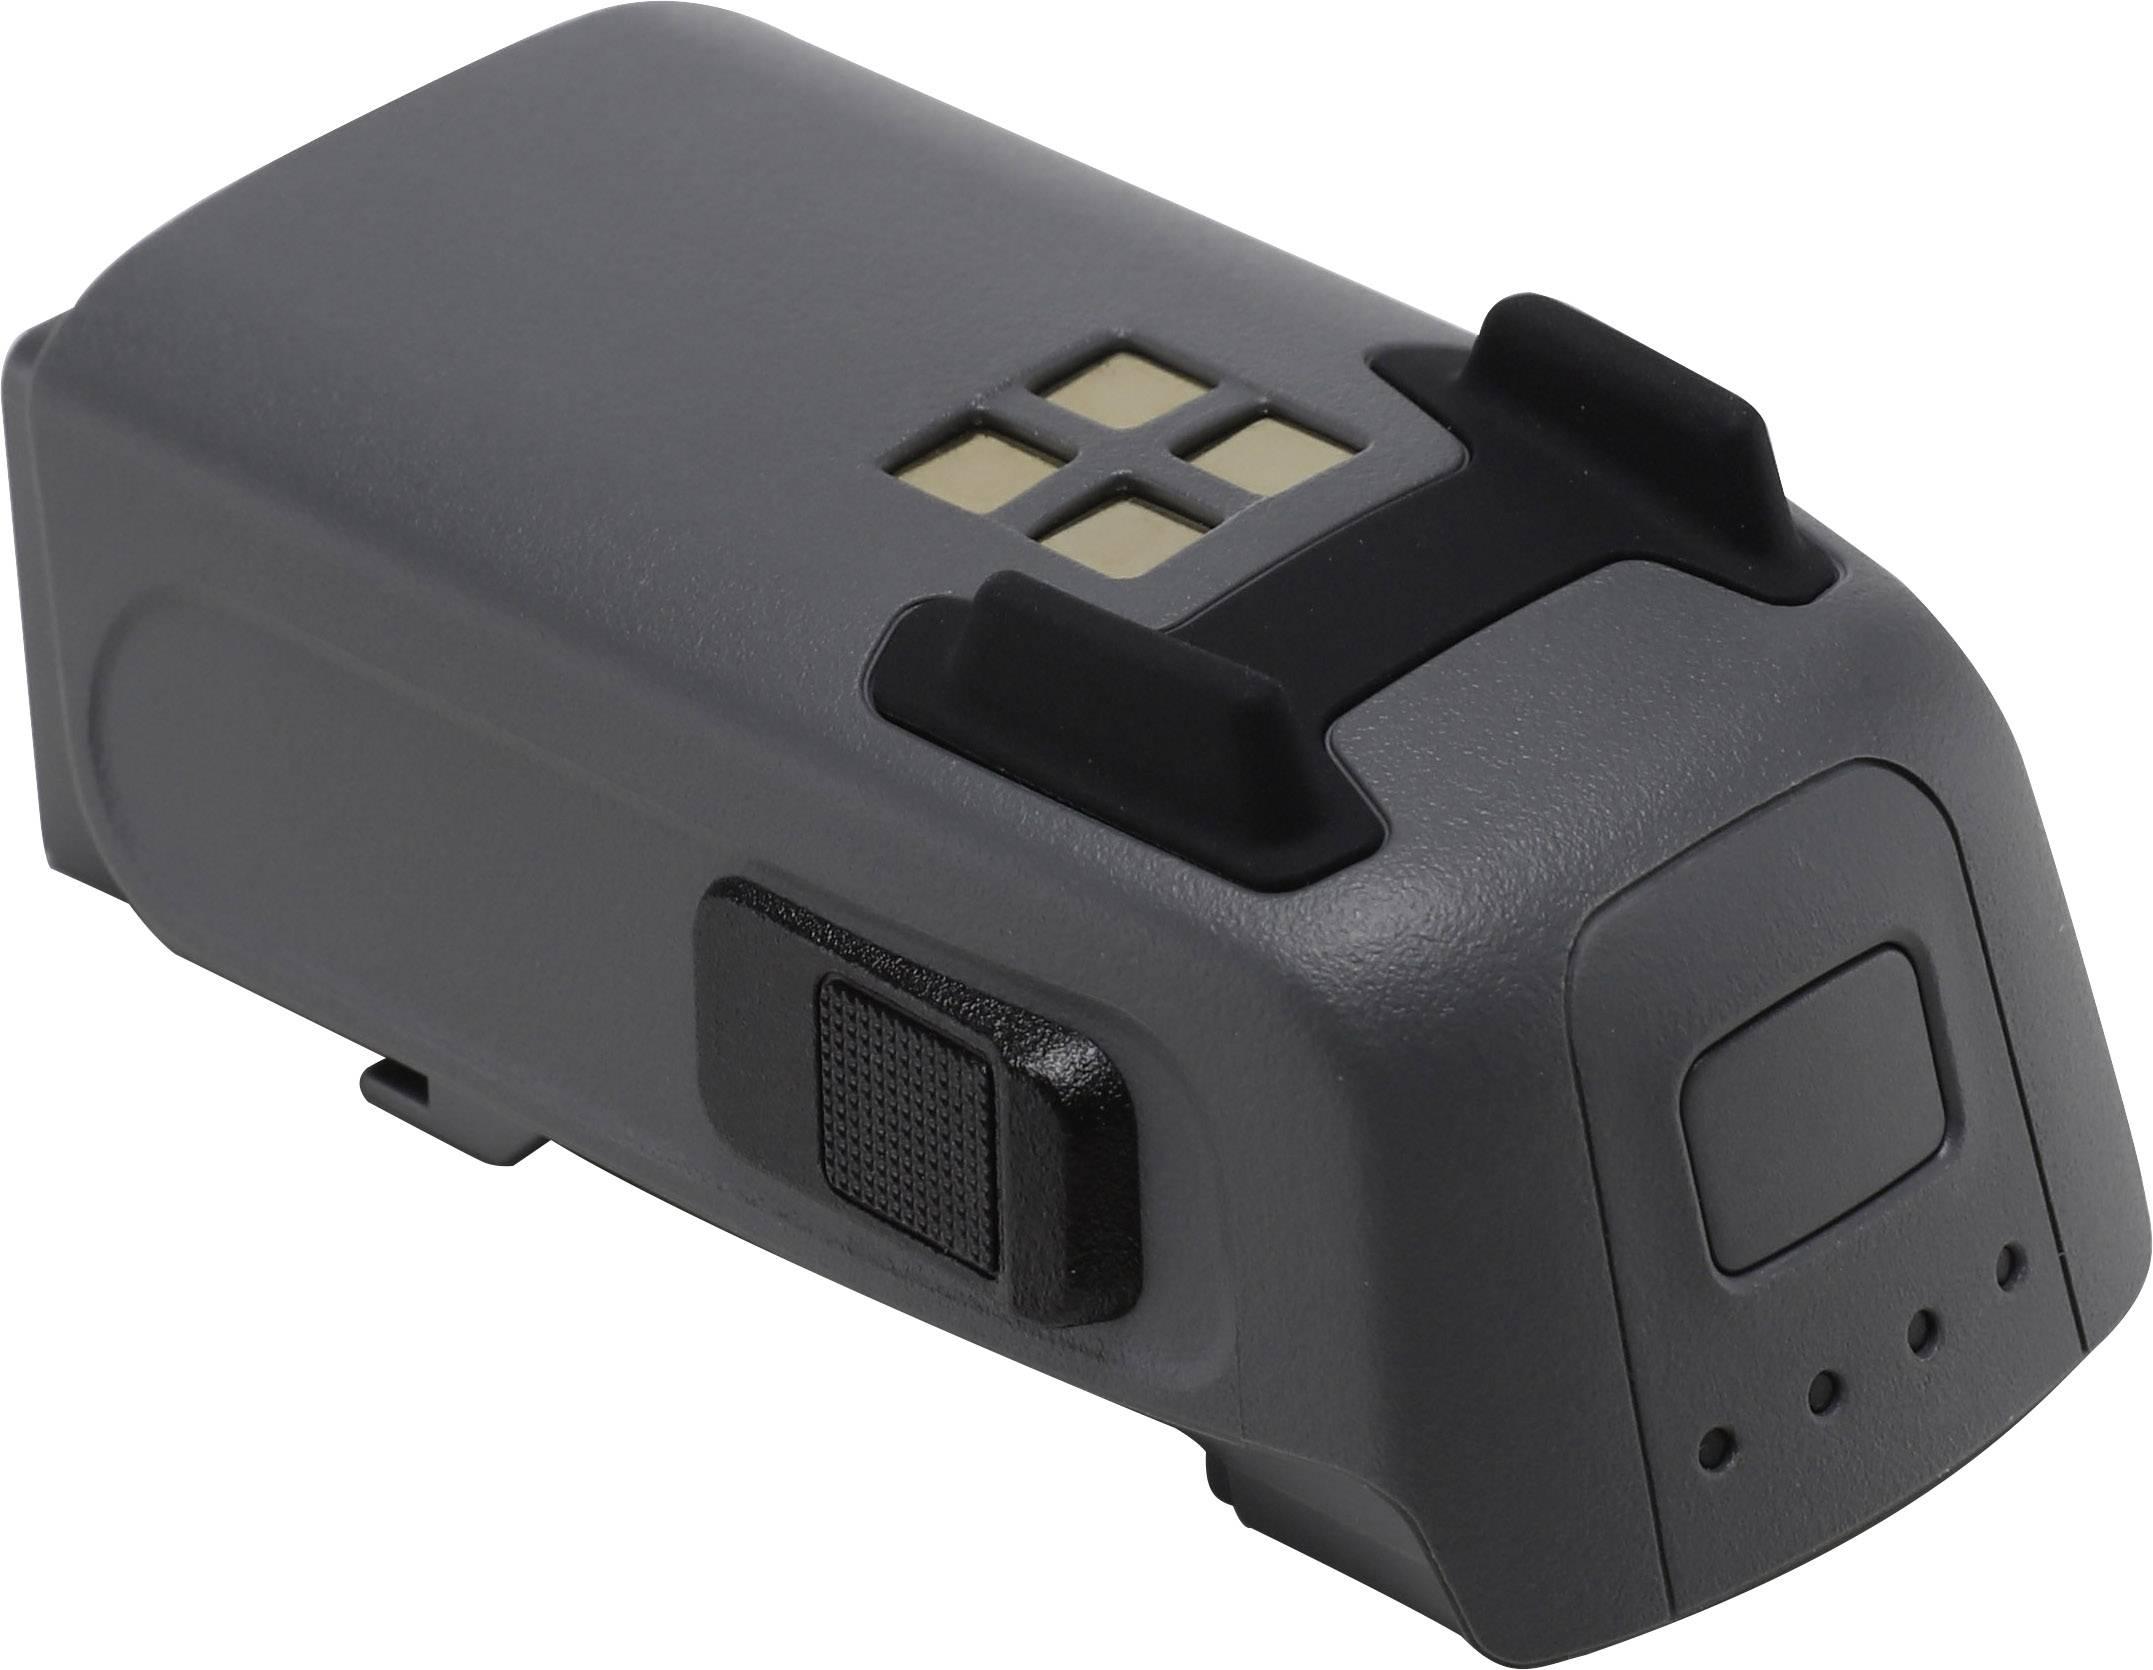 Batteria di volo per drone DJI Adatto per: DJI Spark